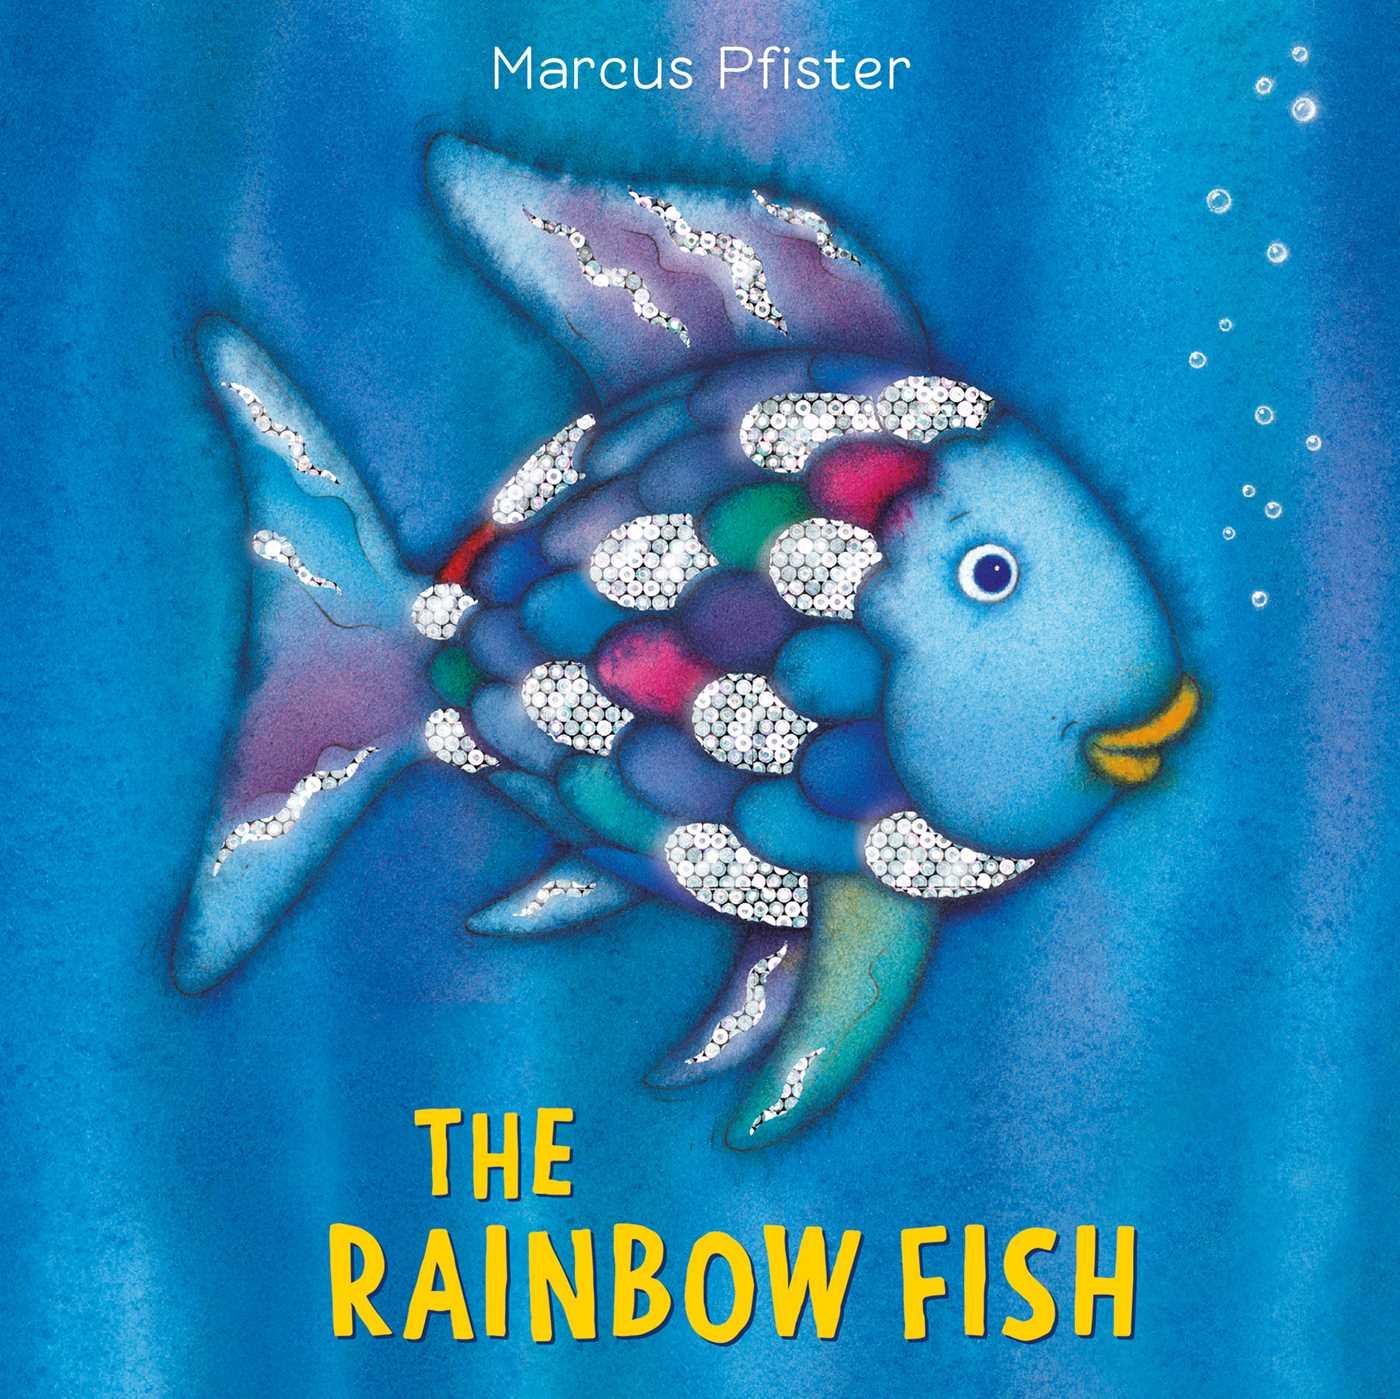 TheRainbowFish